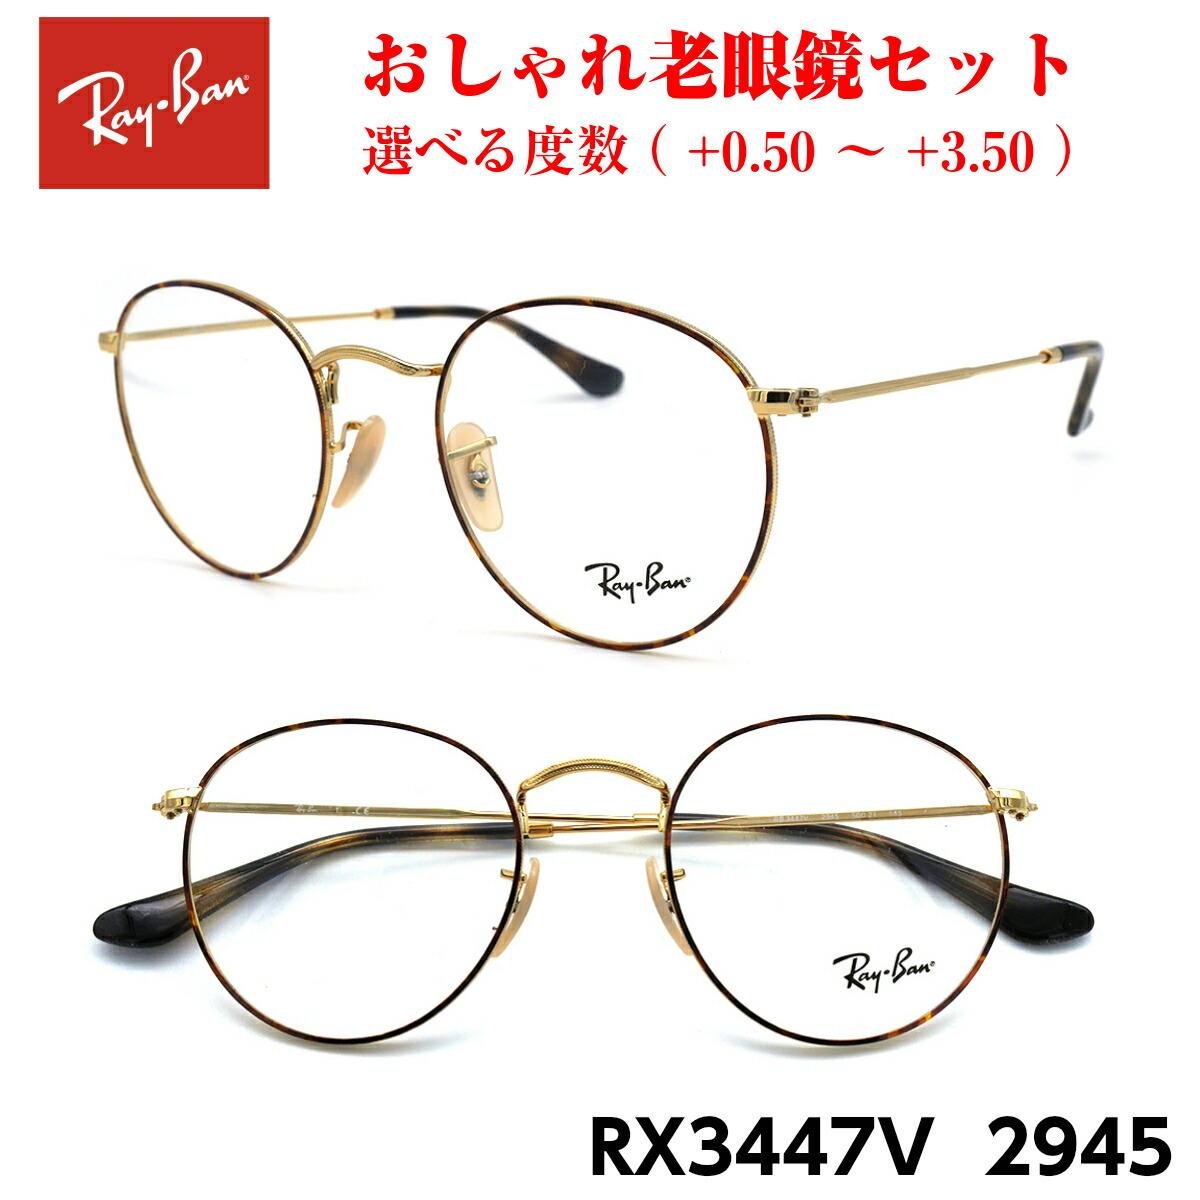 母の日 父の日 おしゃれ 老眼鏡 メンズ レディース 男性用 女性用 RayBan レイバン RX3447V (RB3447V) 2945 レトロ ラウンド 丸眼鏡 まる めがね 眼鏡 度付き 紫外線 UVカット ブルーライトカット メガネ プレゼント ギフト